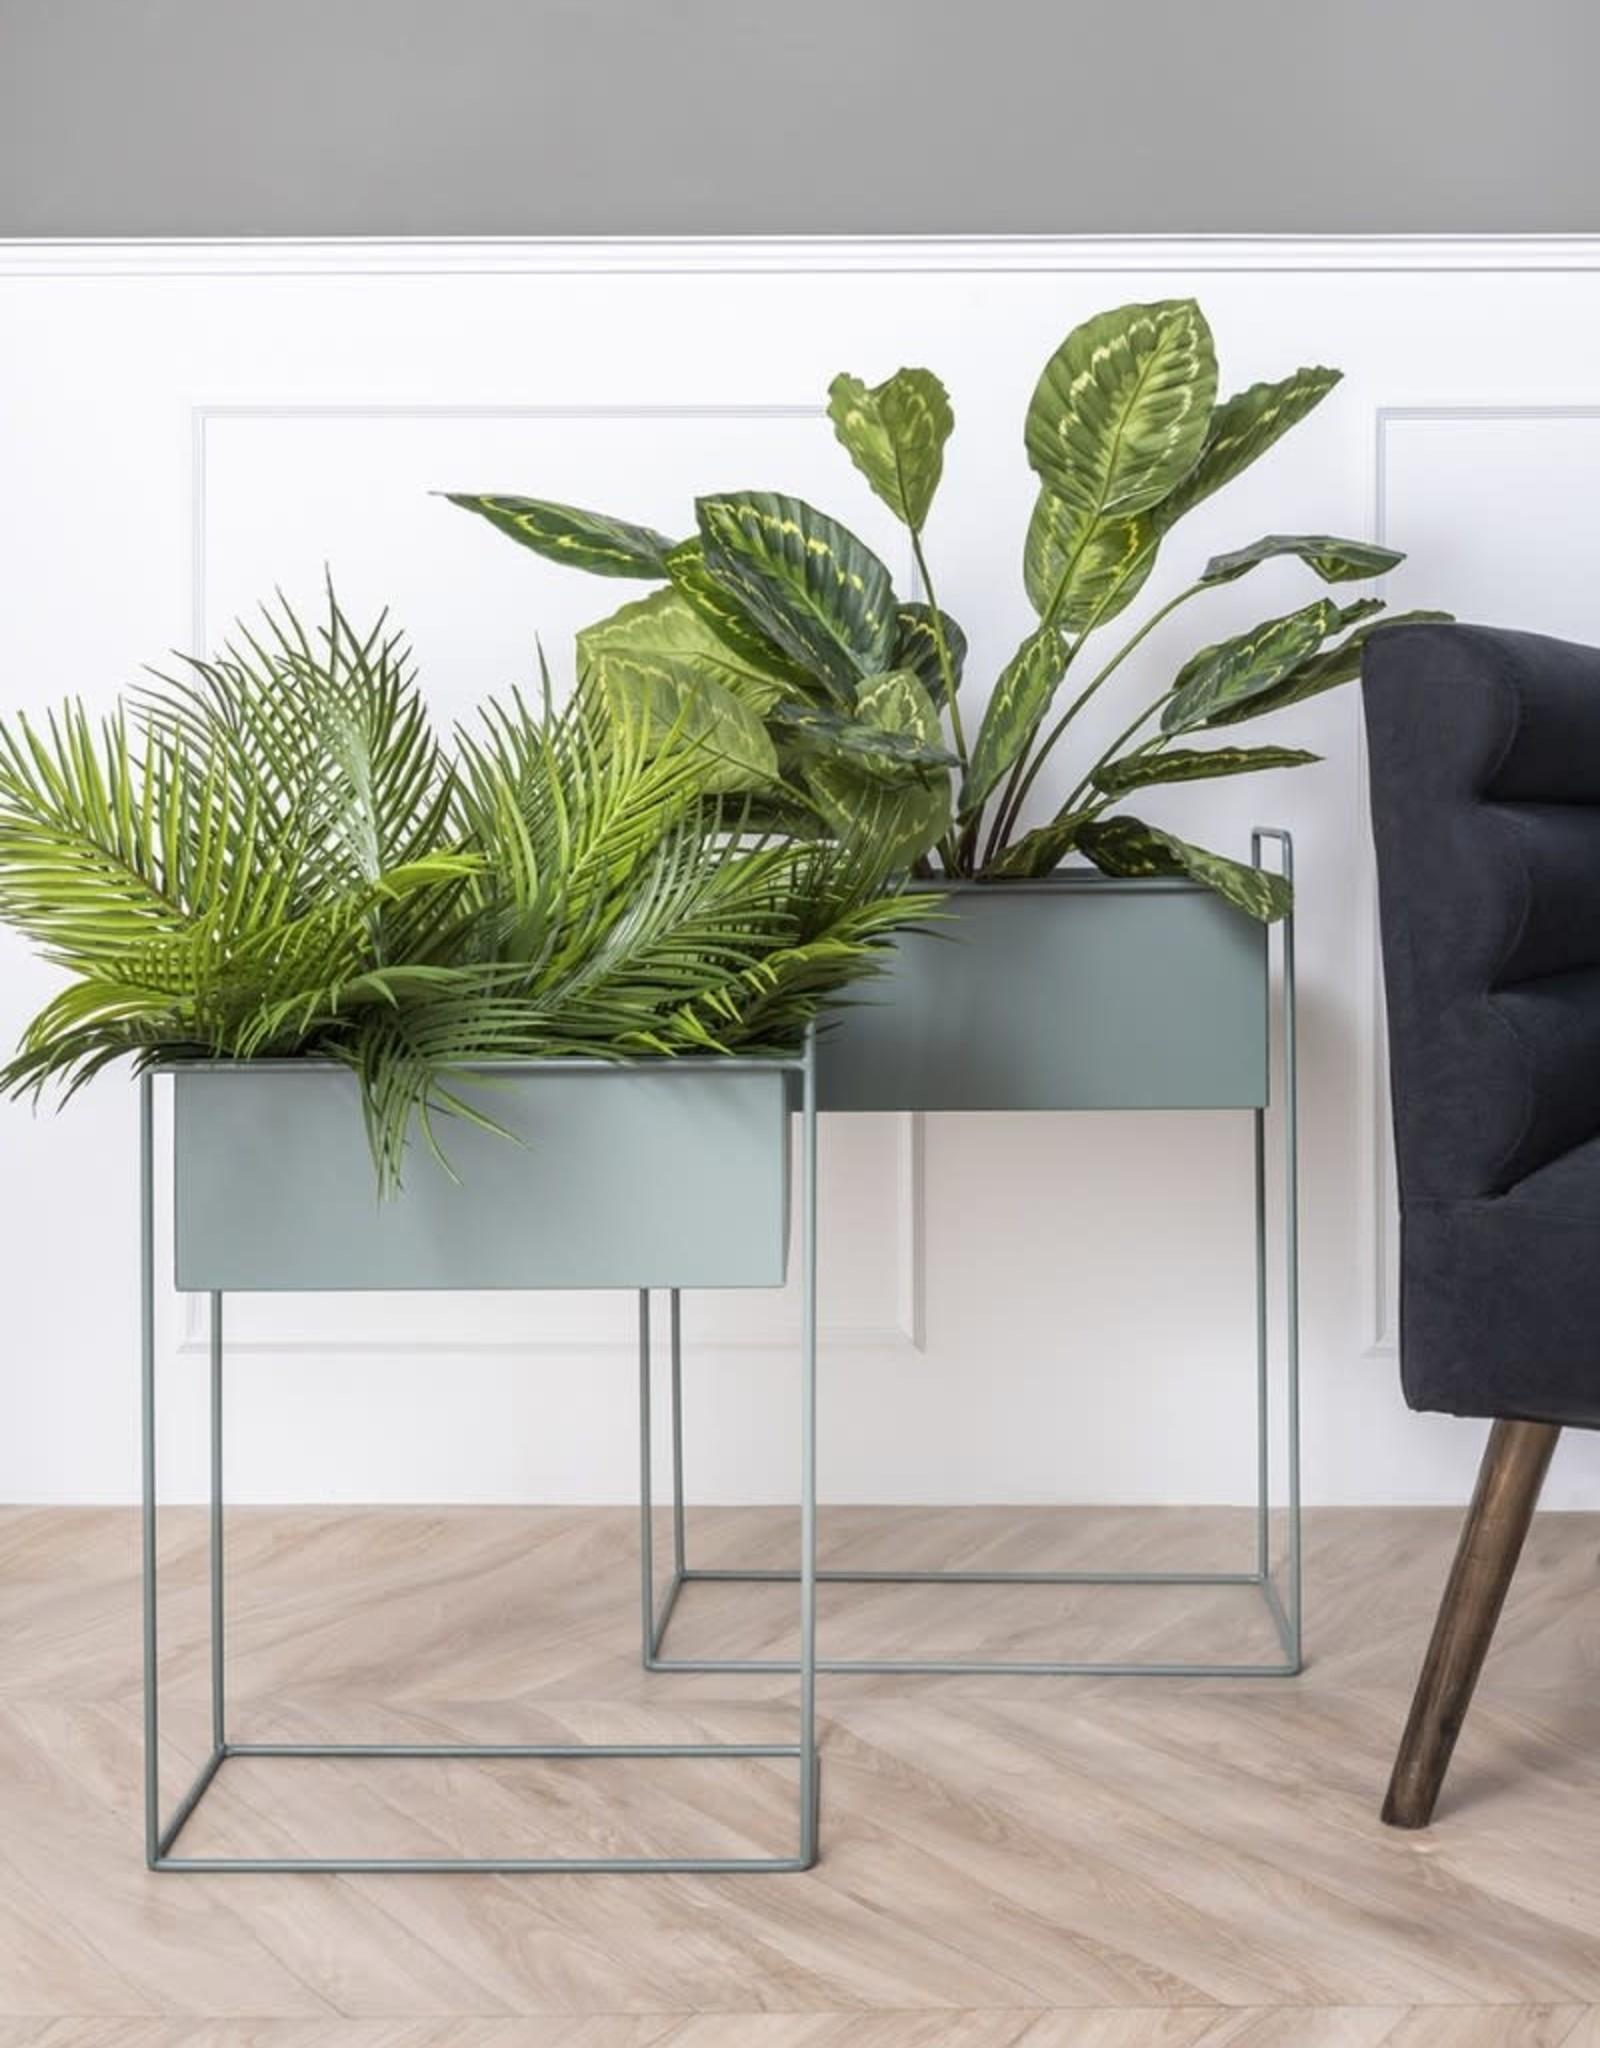 pt Ijzeren plantenbak op poten L [rechthoekig] 51 x 24 x 65 cm - Junglegroen